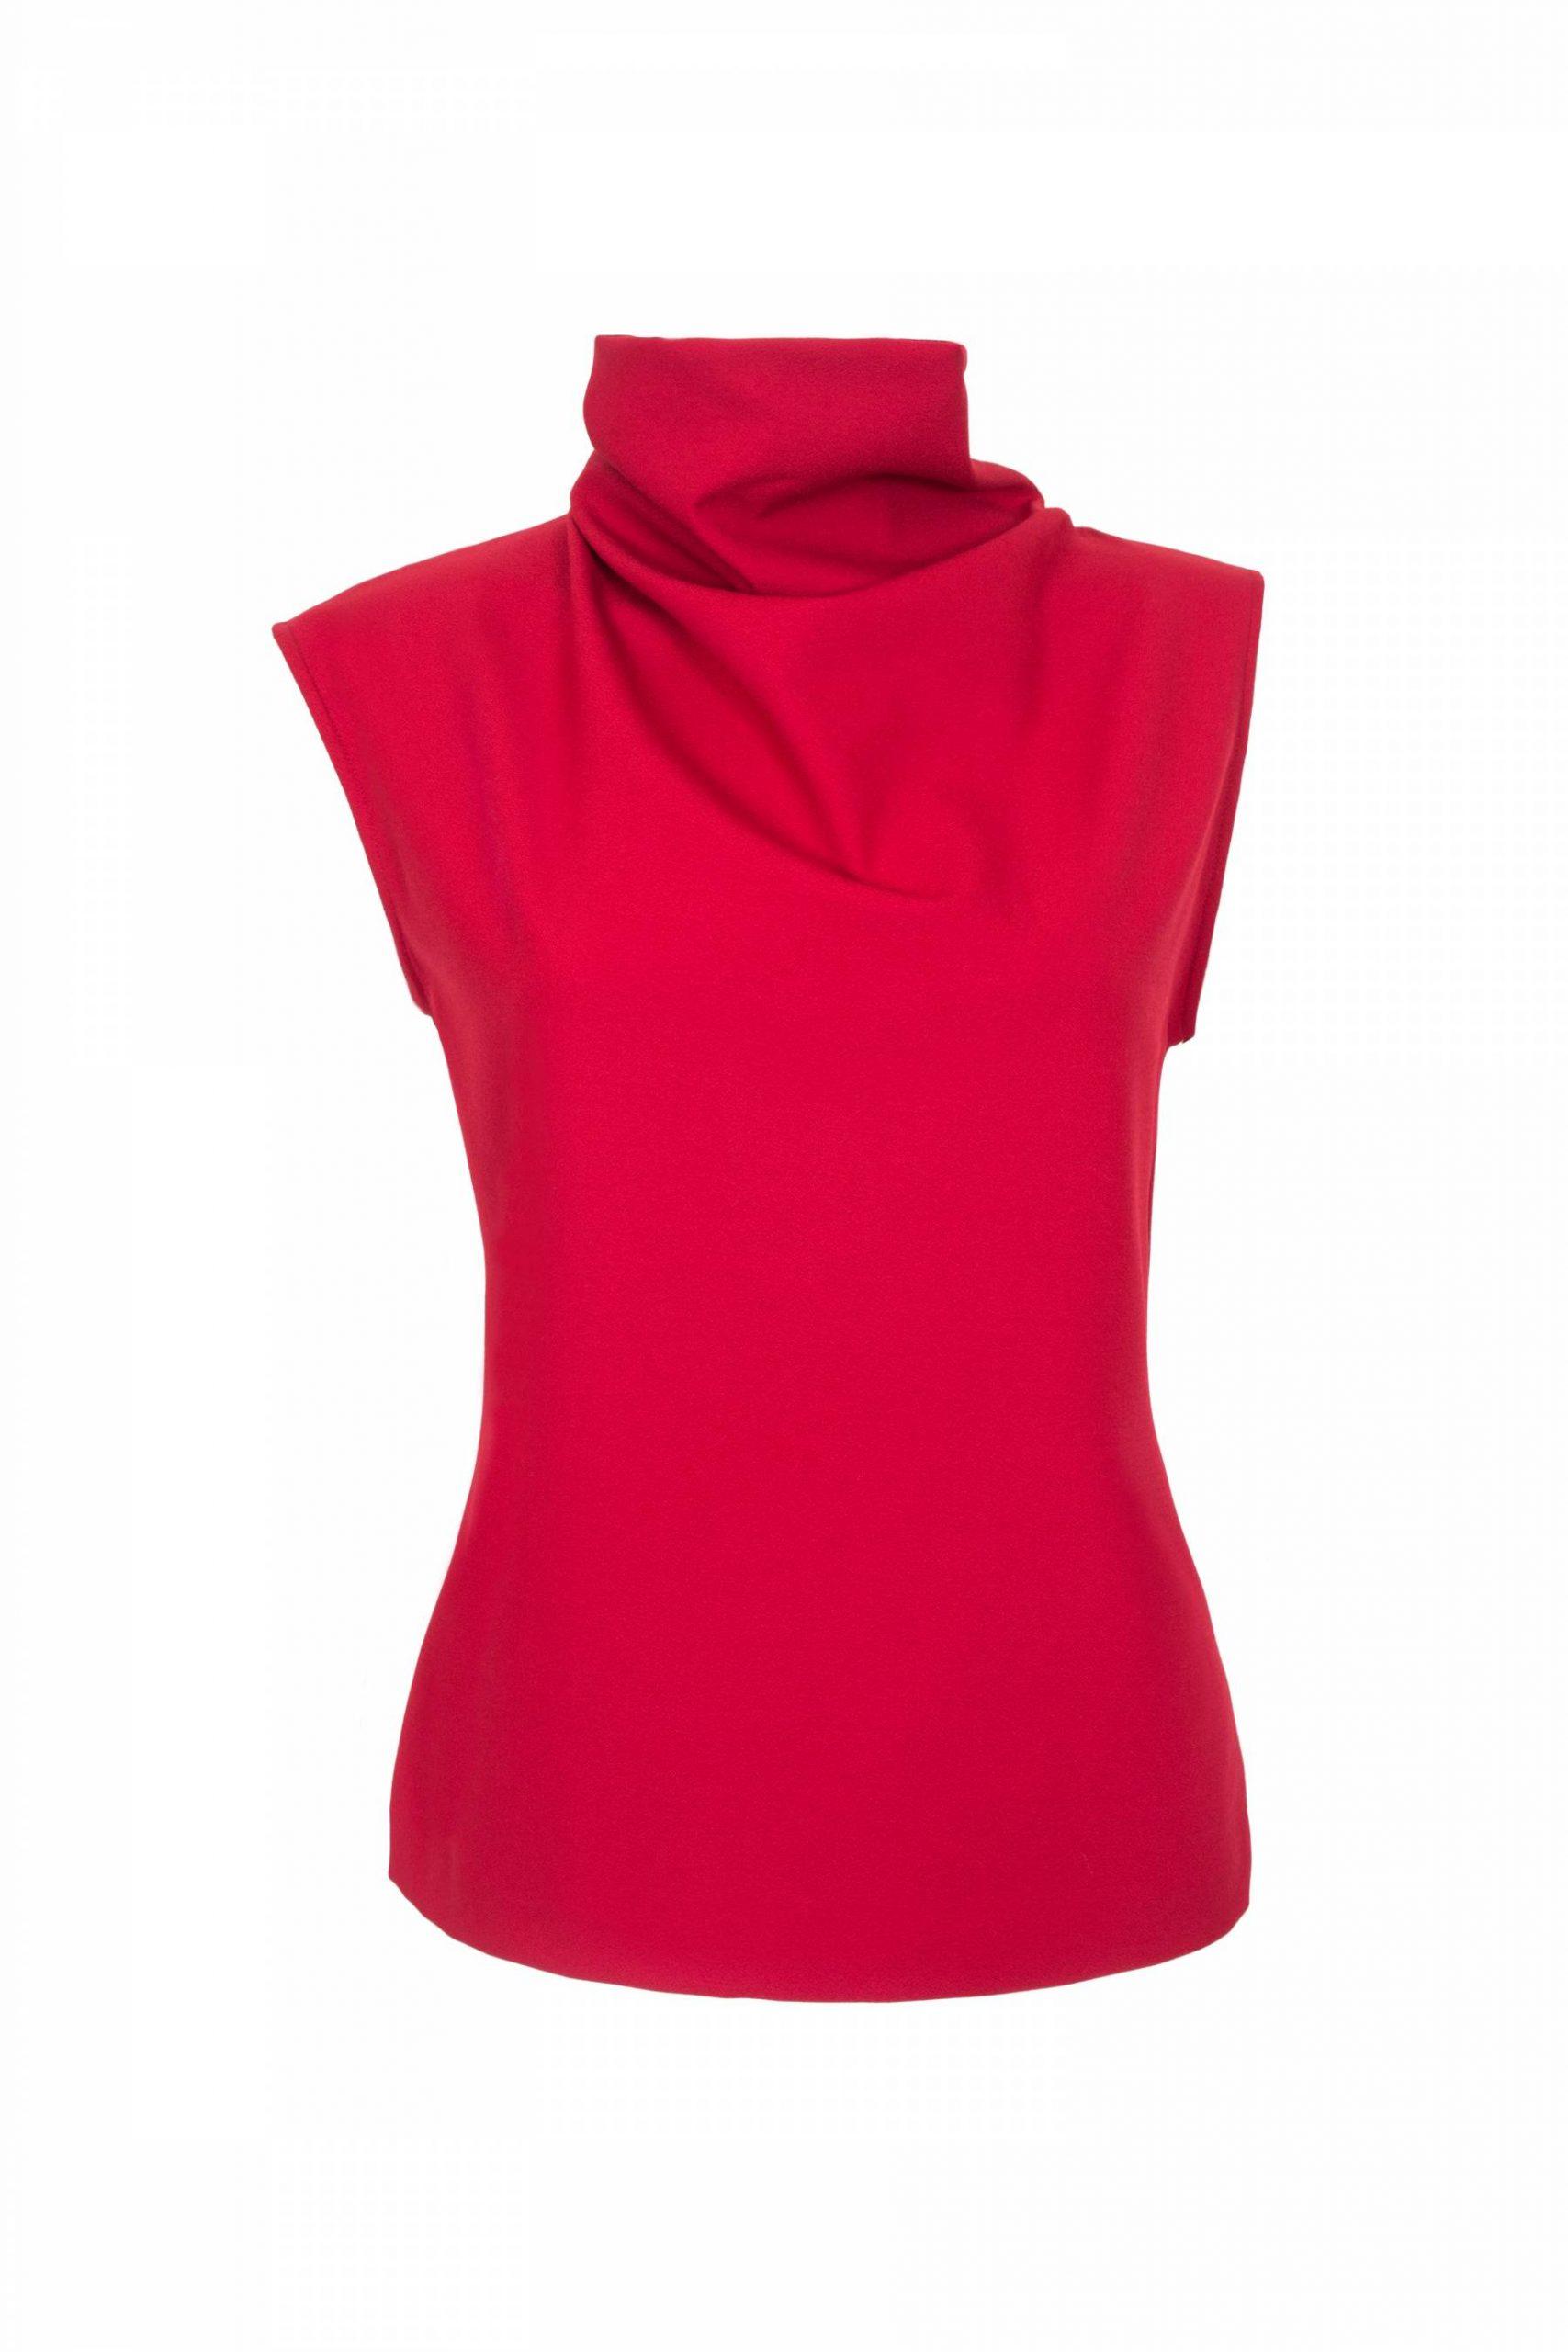 Asymmetric high neck top2